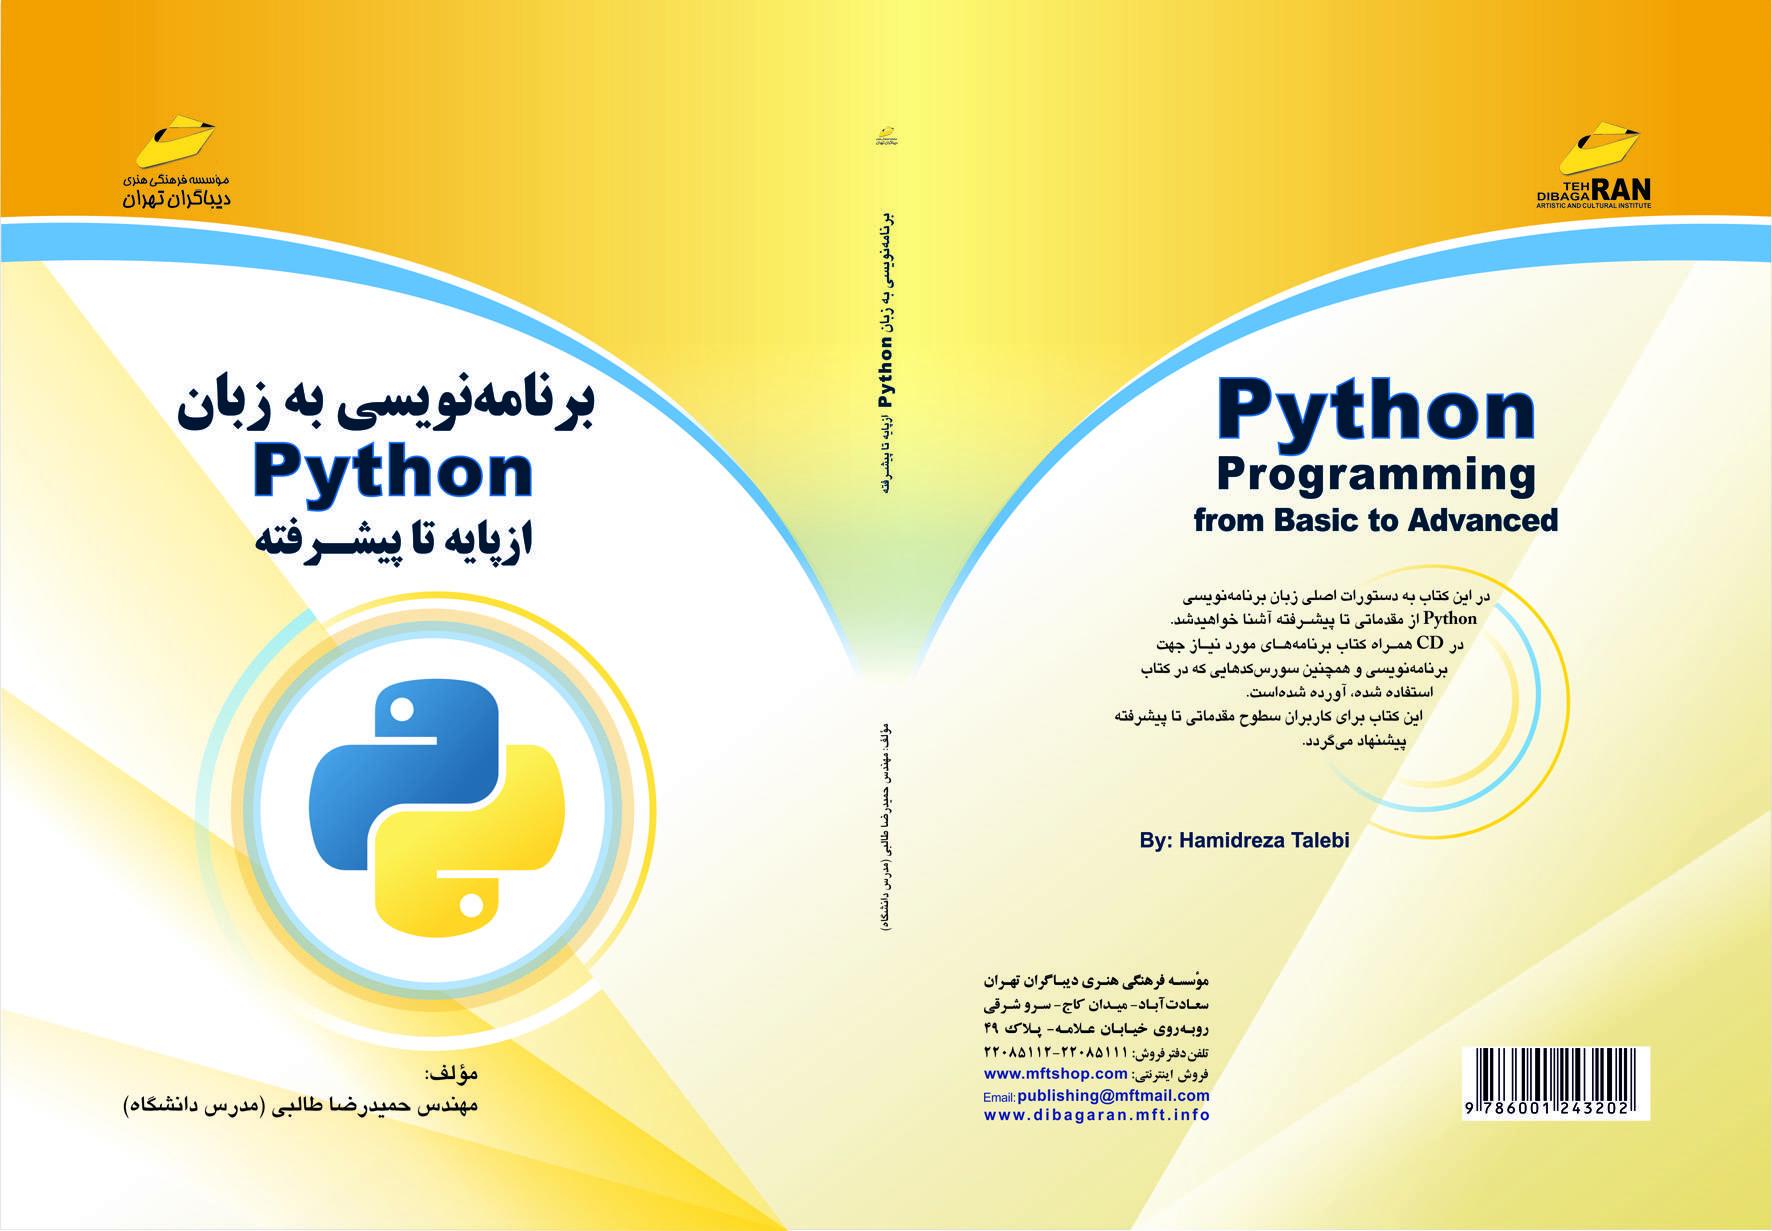 کتاب جدید Python حمیدرضا طالبی